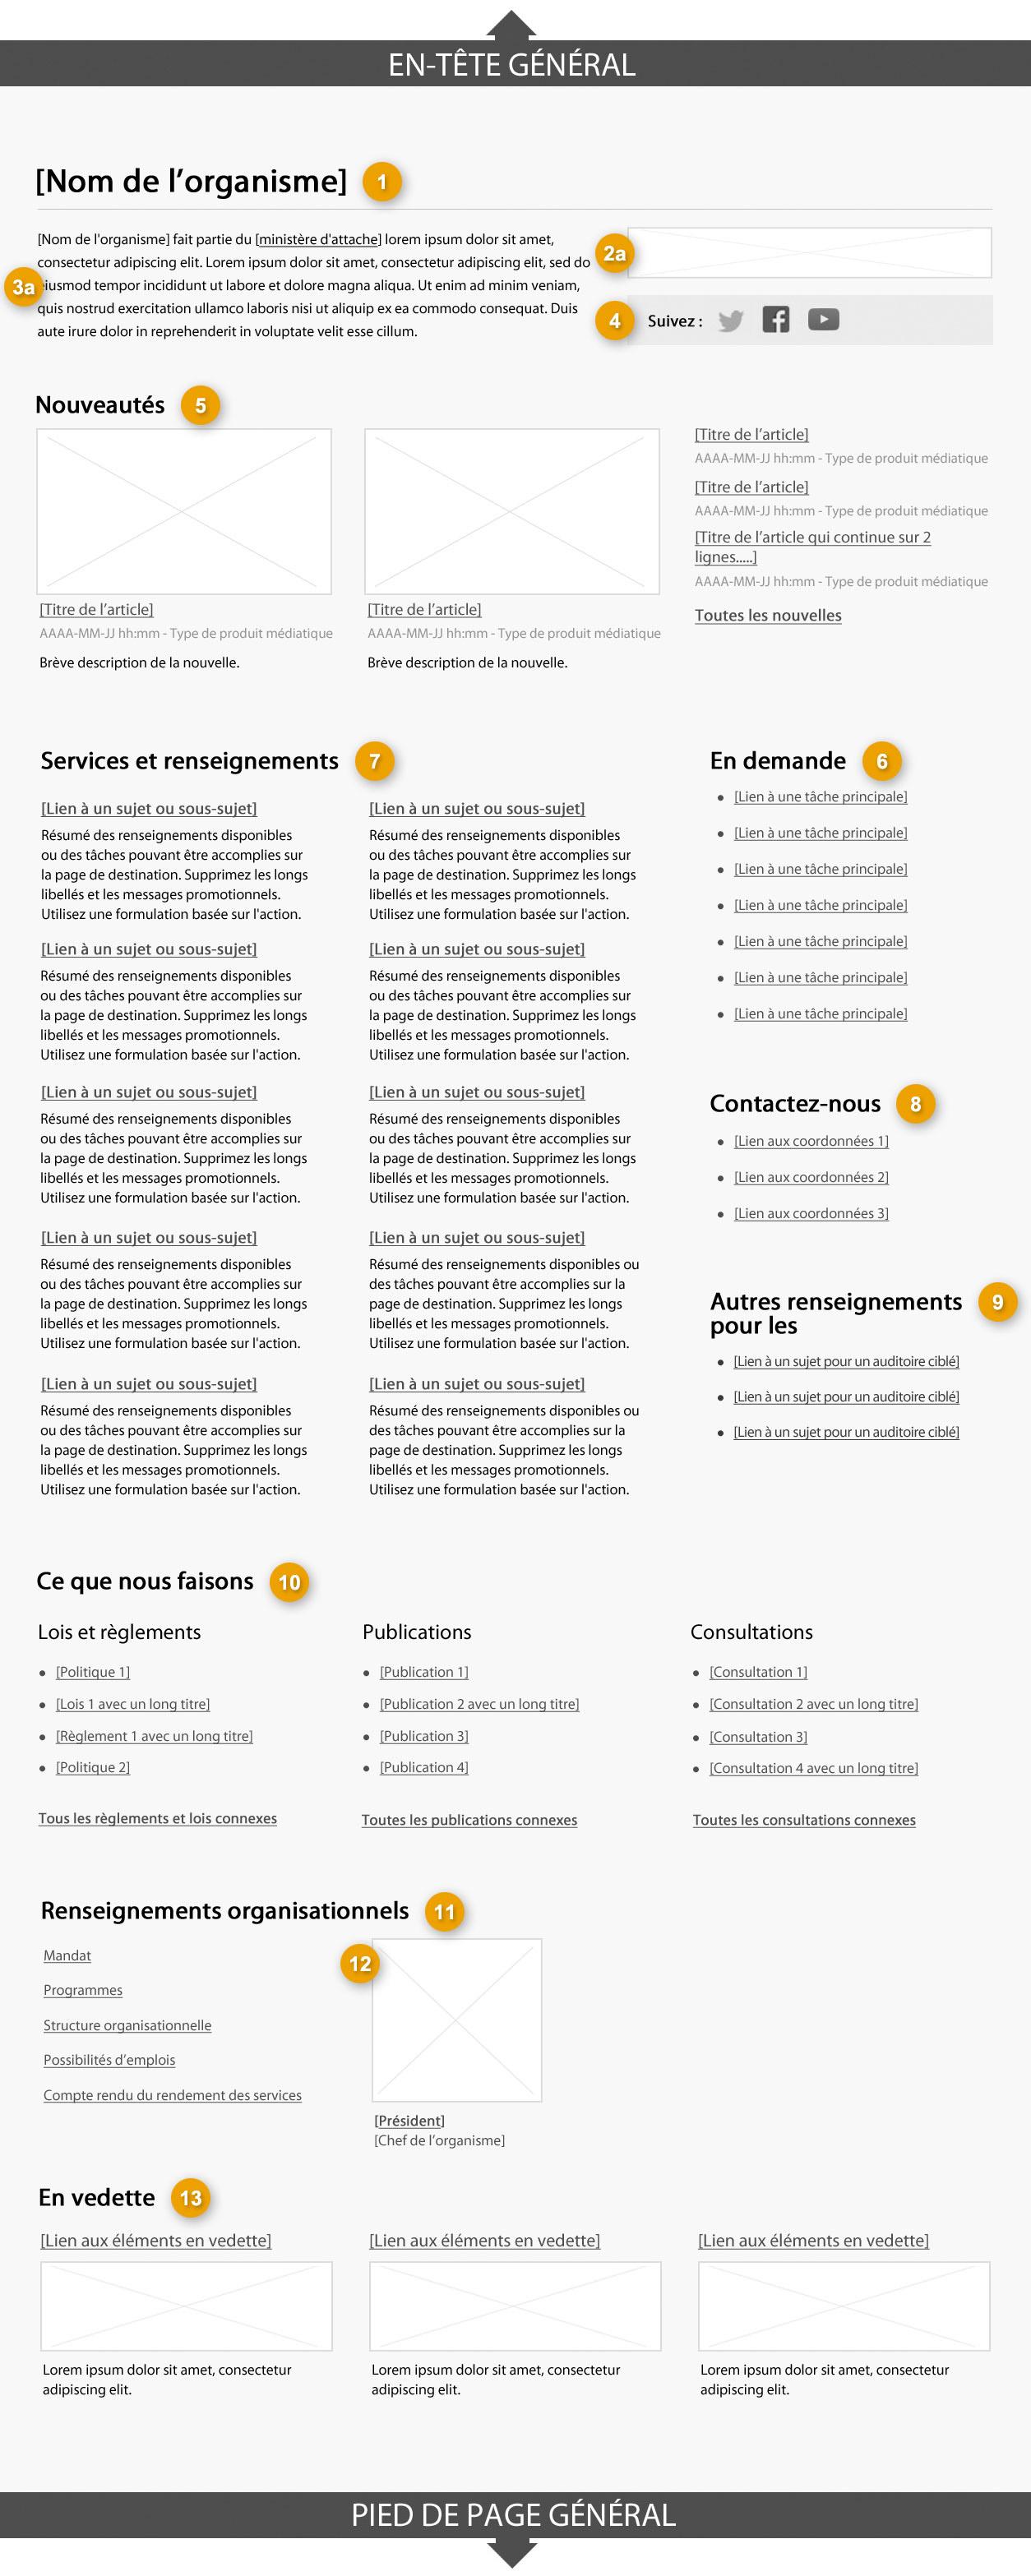 Modèle de page de profil organisationnel indiquant les parties qui composent sa structure. Lire de haut en bas et de gauche à droite. Plus de détails au sujet de ce graphique se retrouvent dans le texte entourant l'image.